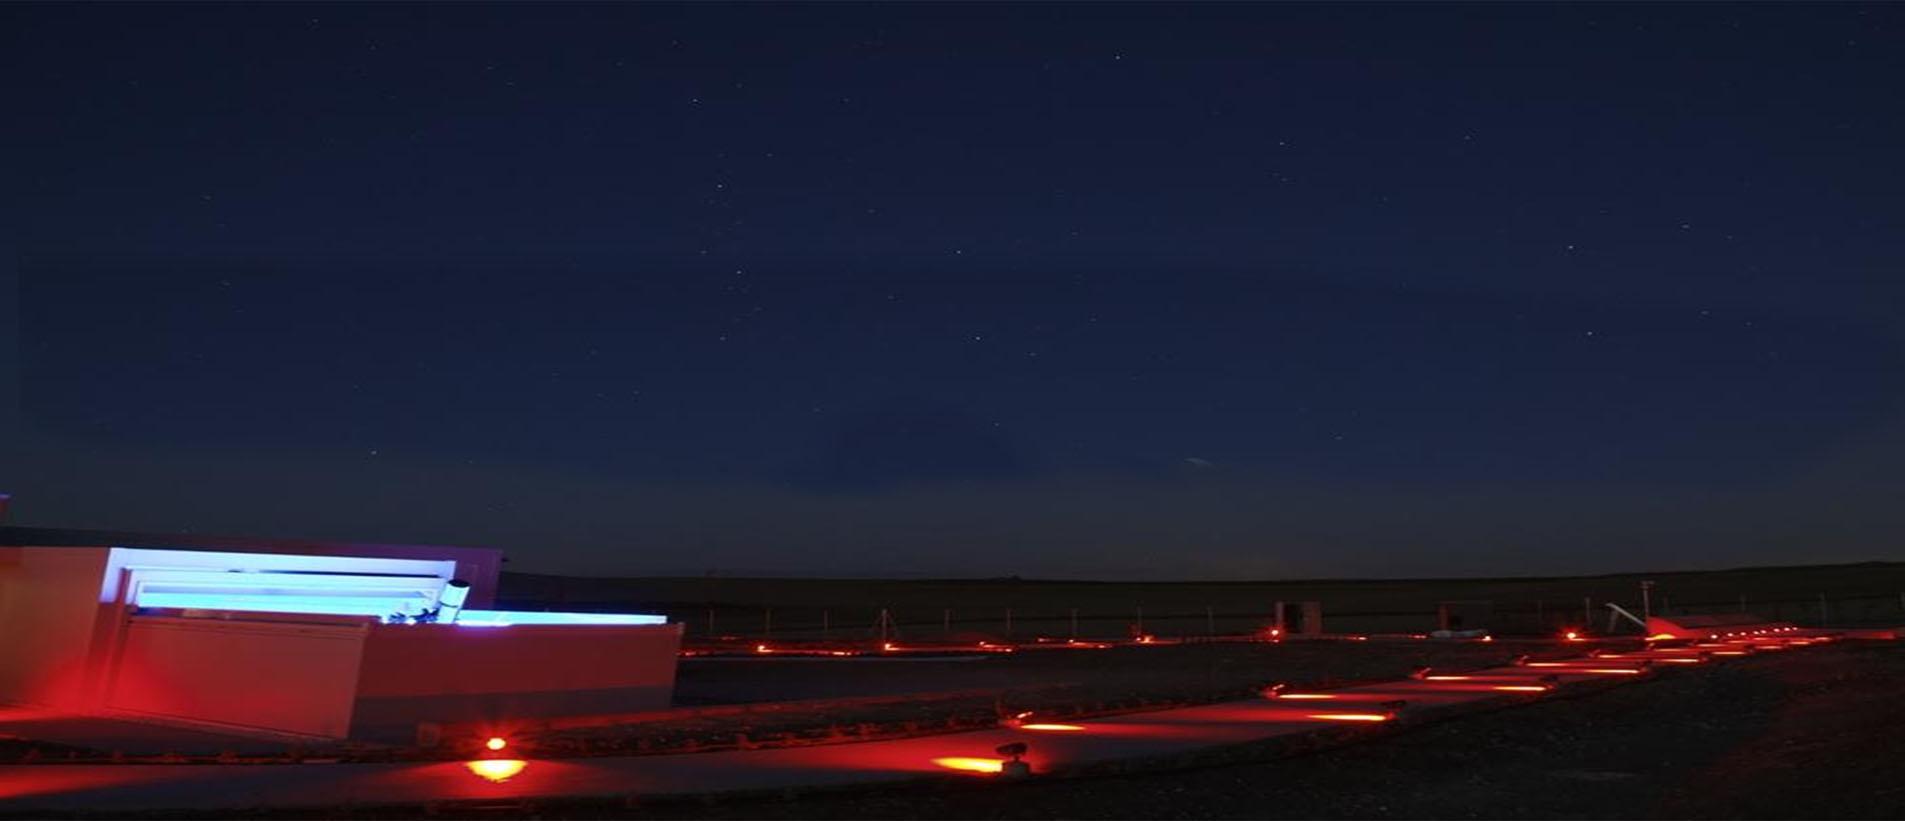 Centro Astronomico de Tiedra-Valladolid